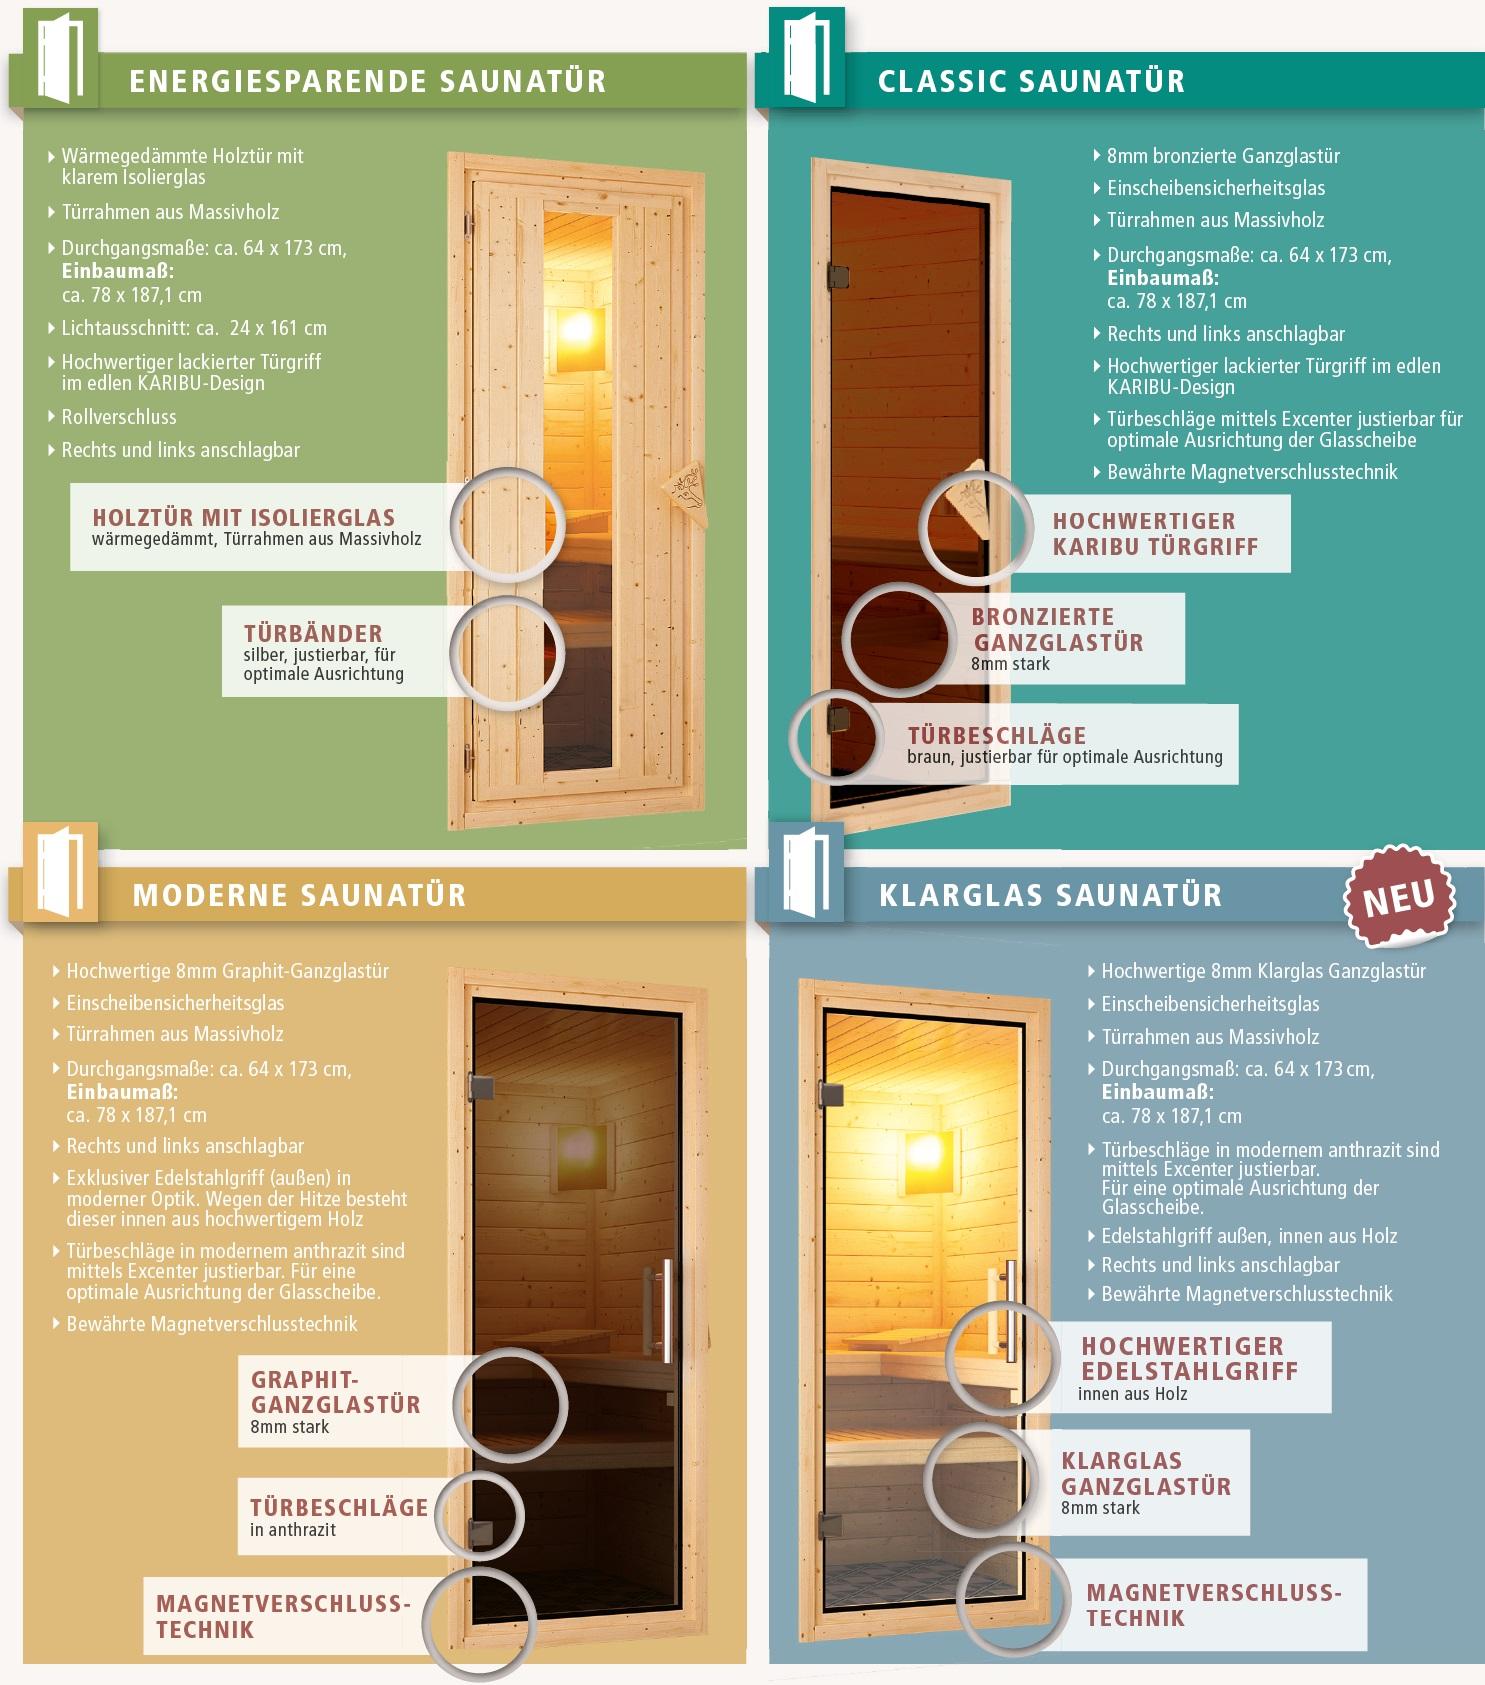 sauna carin 196x151 cm eckeinstieg 68 mm systemsauna 1. Black Bedroom Furniture Sets. Home Design Ideas